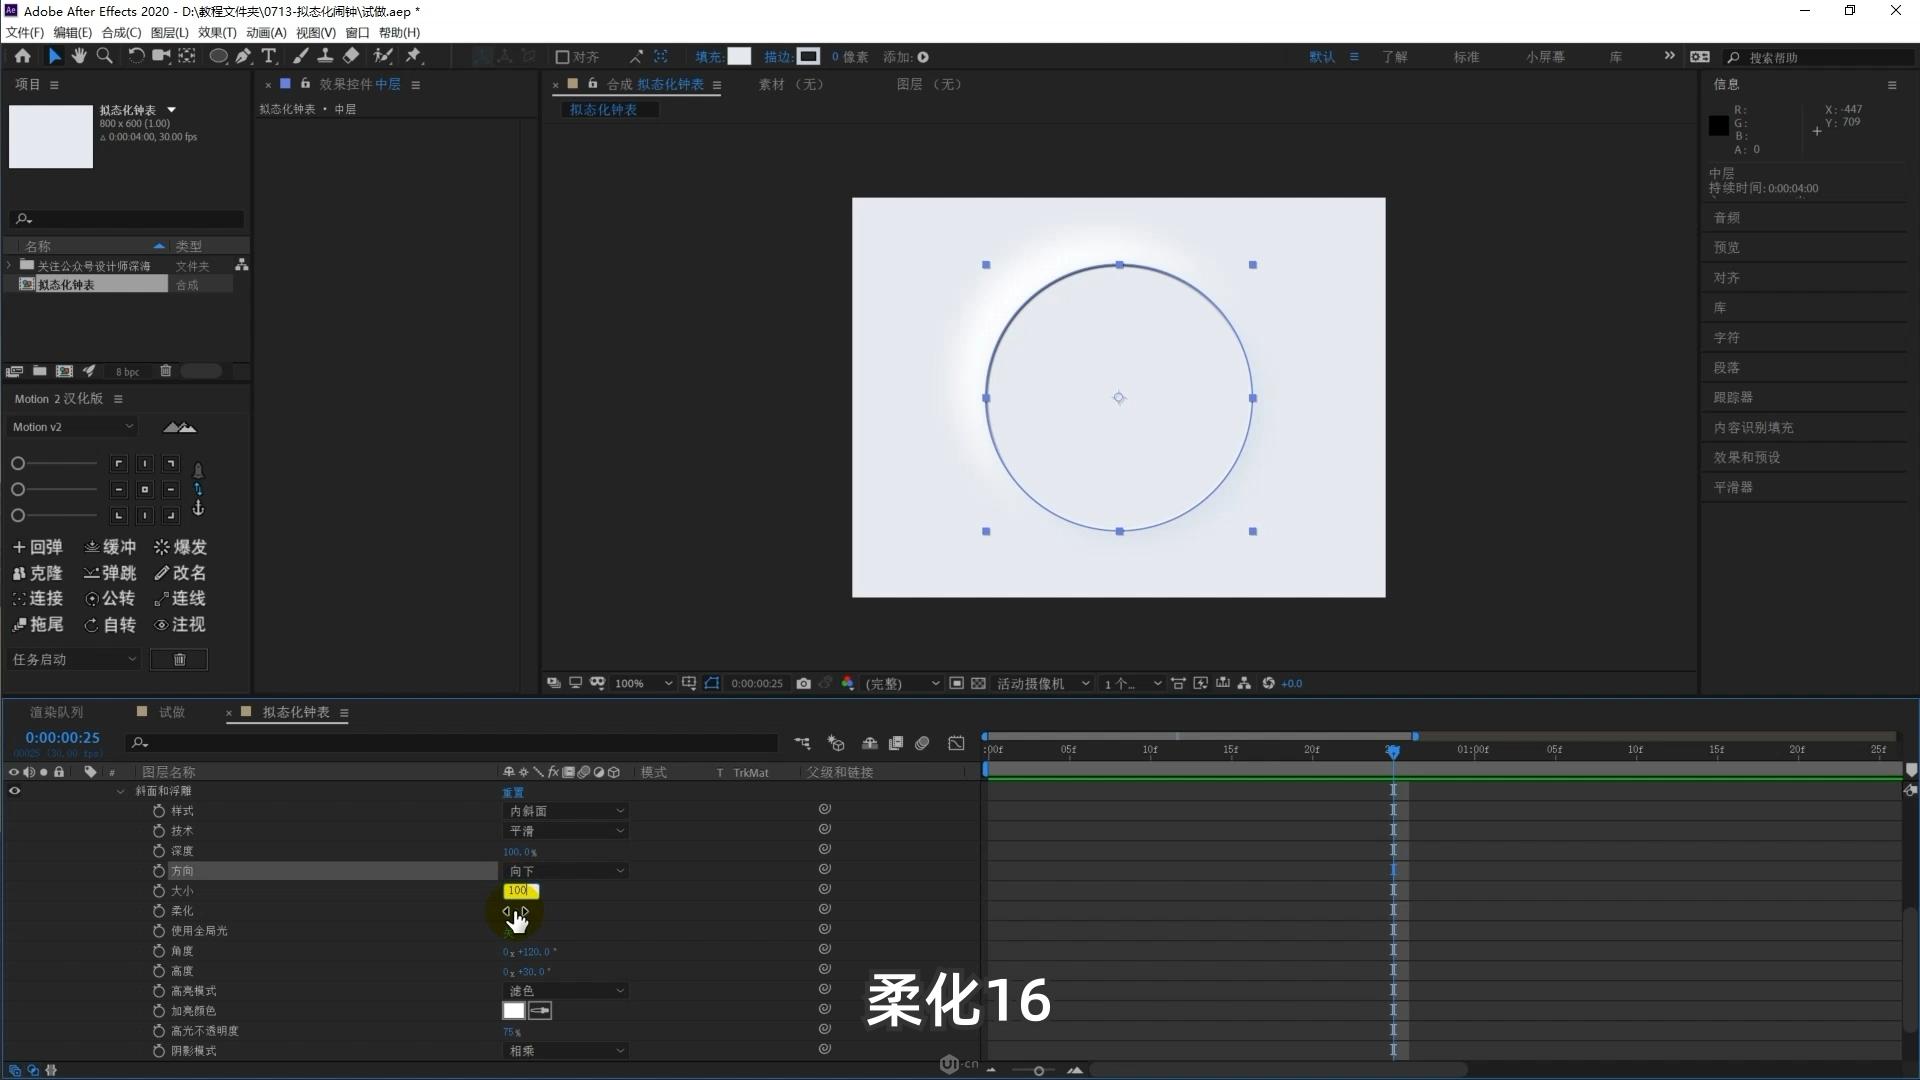 AE设计拟态化风格UI动效(3)